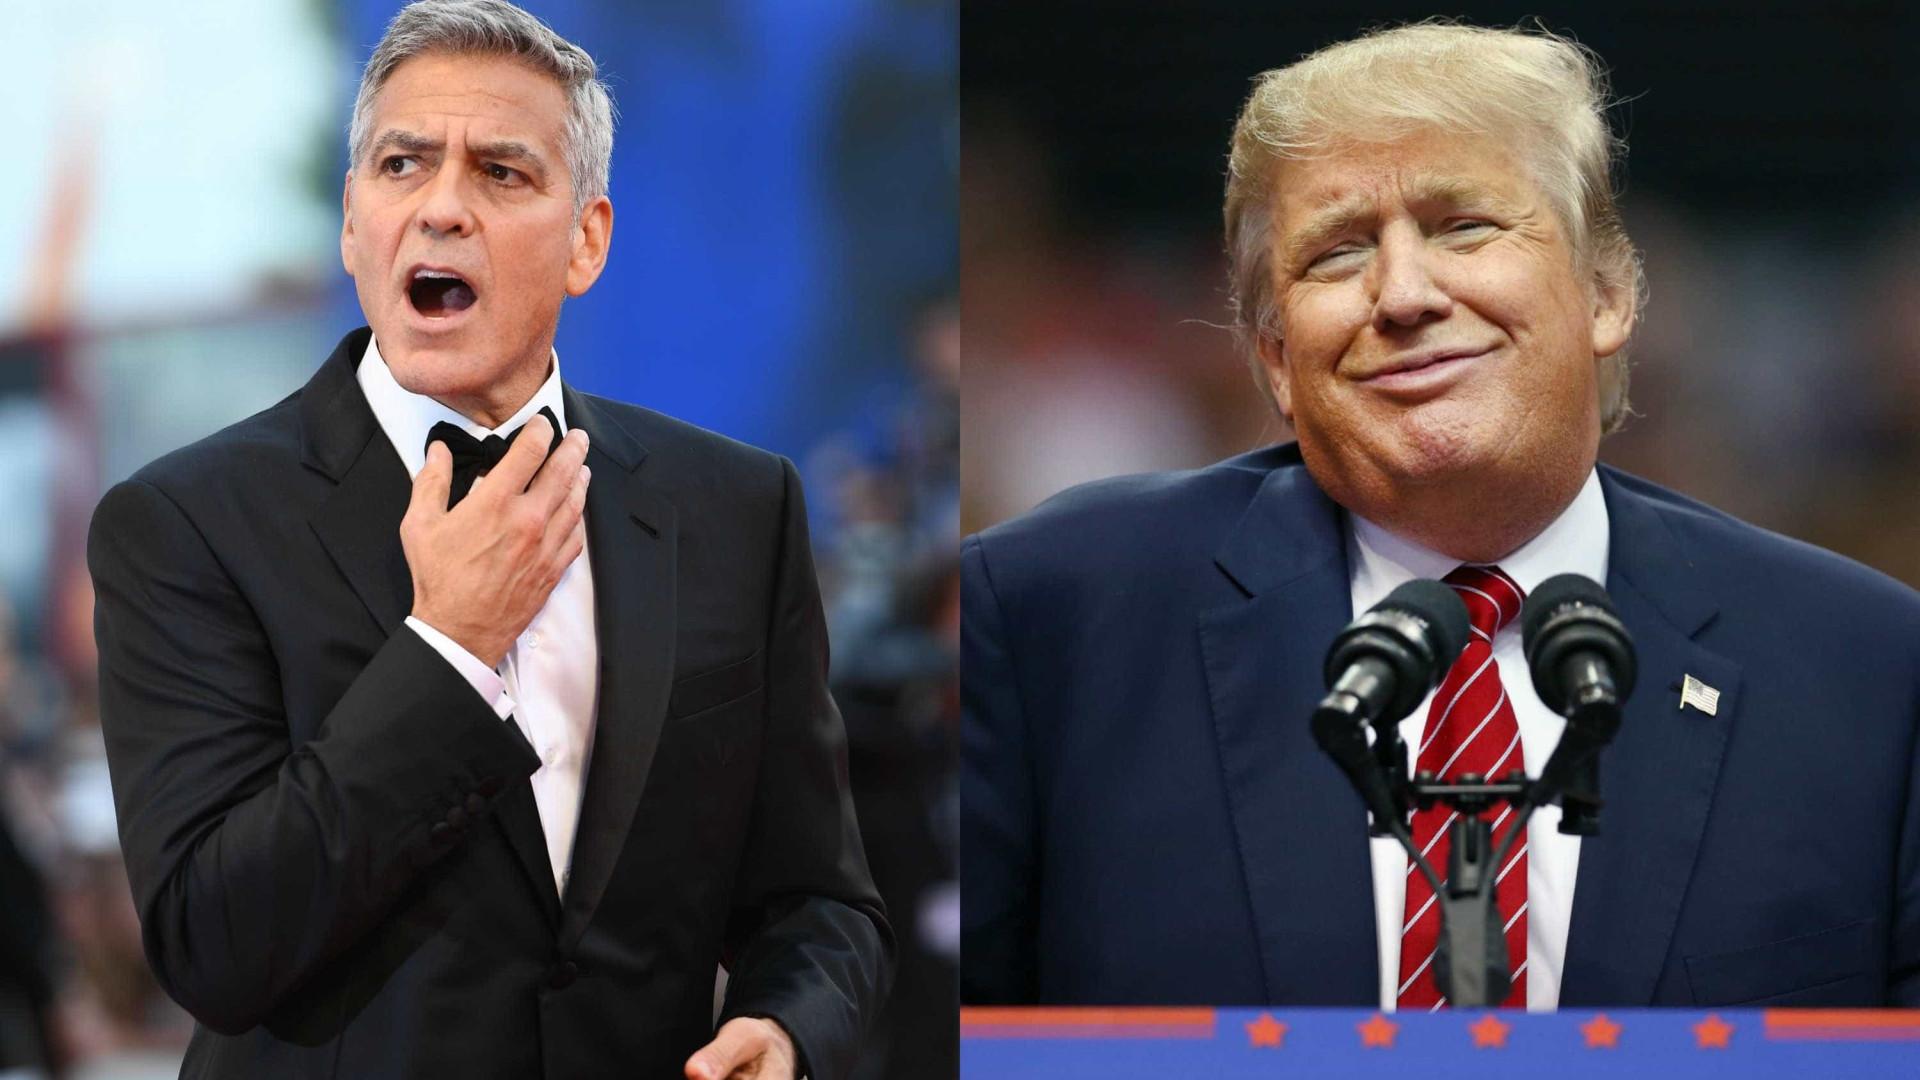 George Clooney revela que acolheu refugiado iraquiano de minoria perseguida